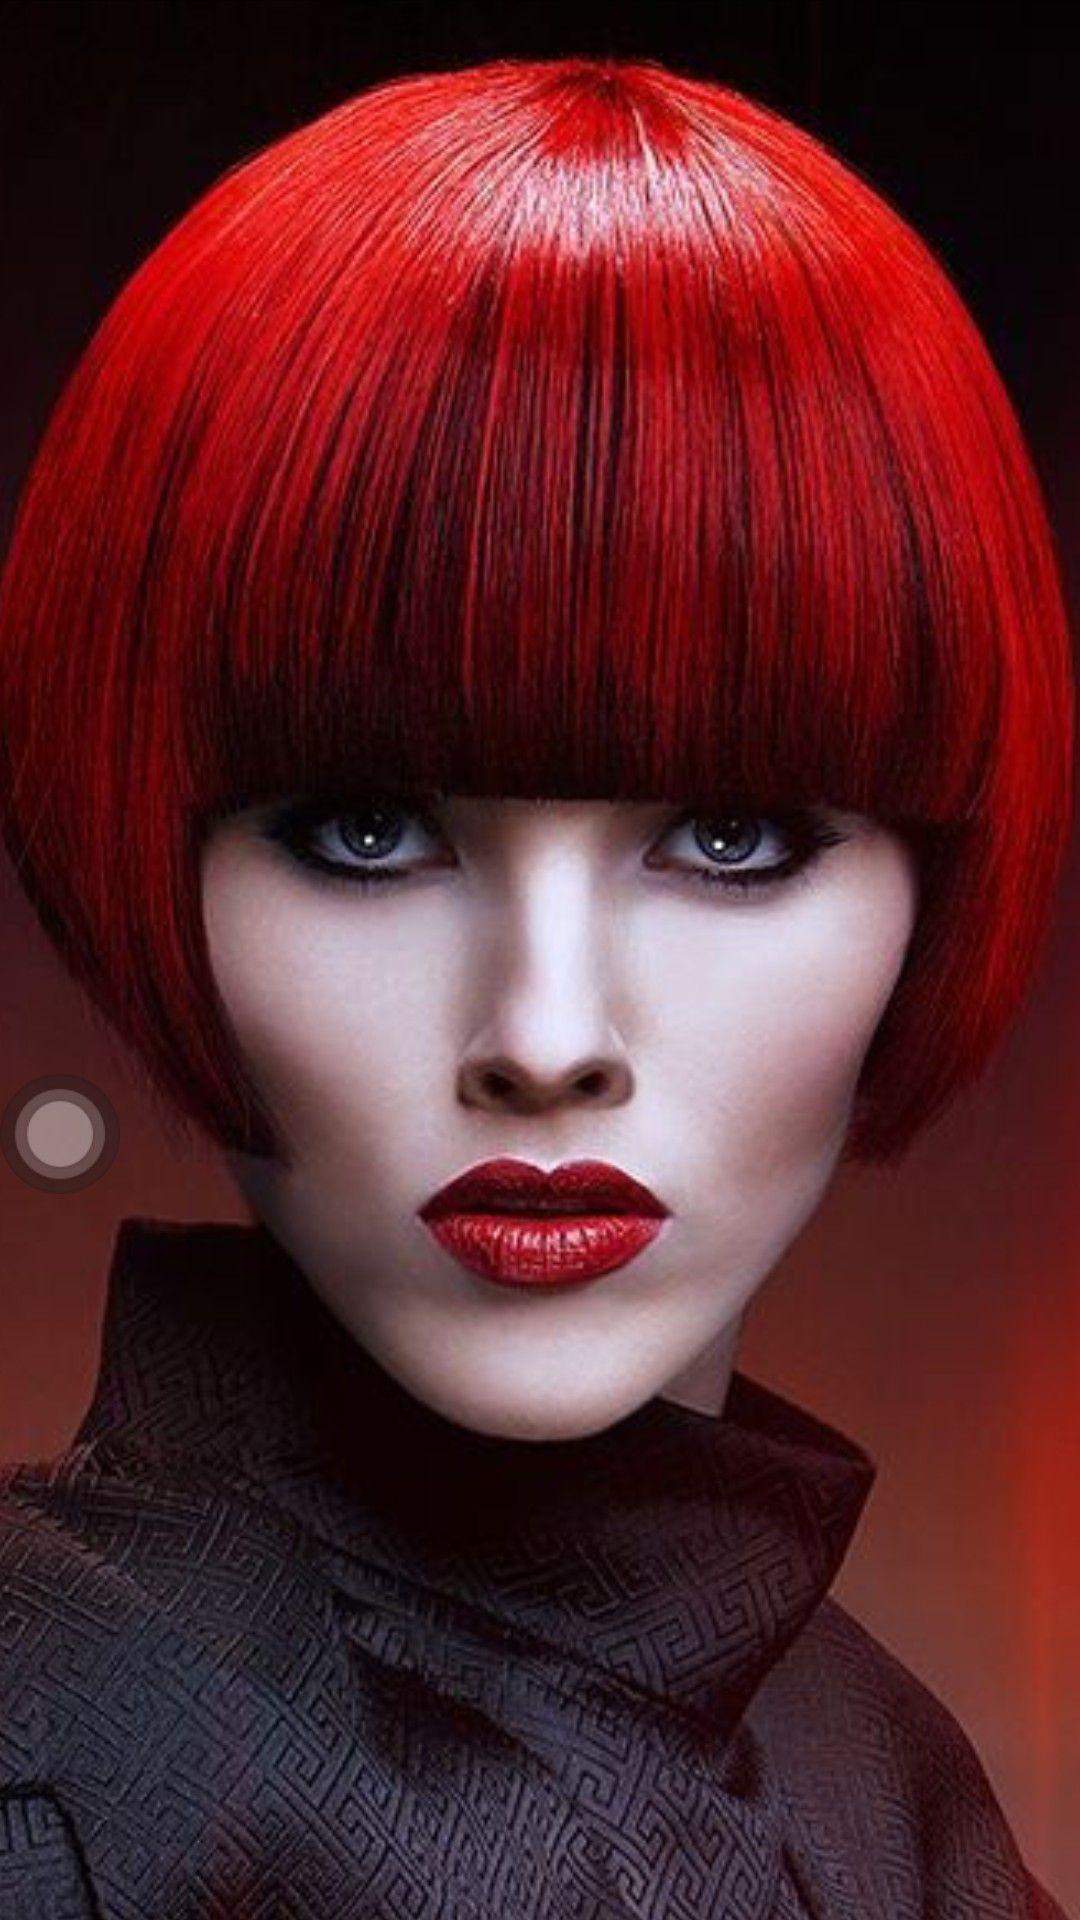 Hair colour image boy hairdare hairstyles womenshair  mushroom hair  pinterest  bobs